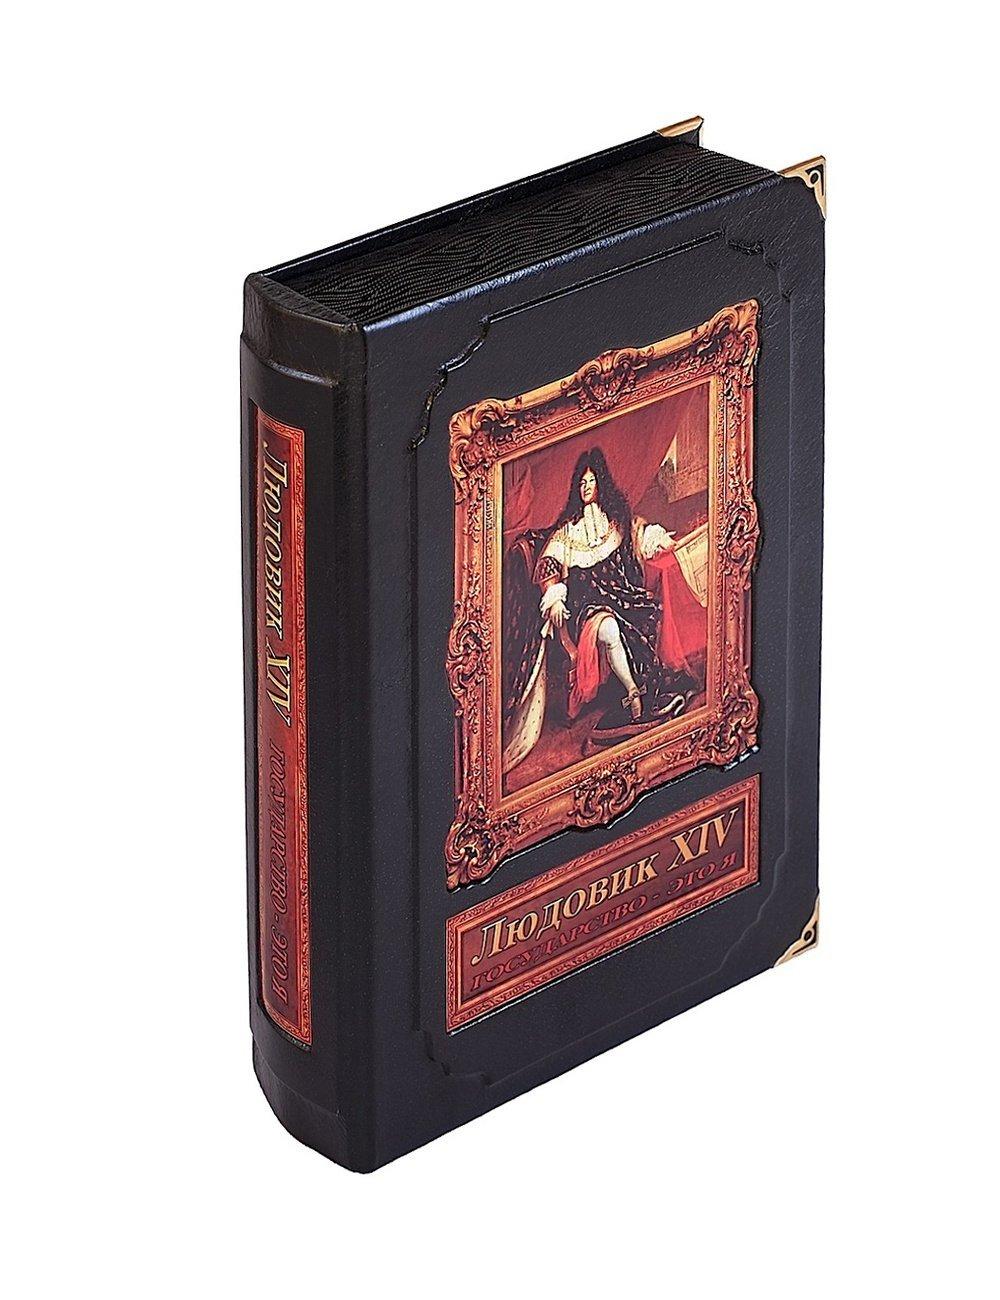 (16+) Подарочная книга Людовик XIV. Государство - это я (Жемеров А.), Podarok.ru